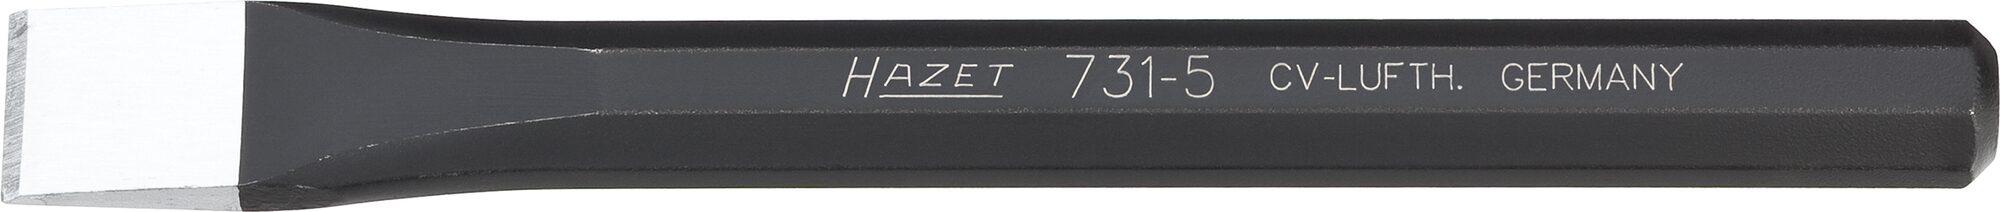 HAZET Flachmeißel 731-5 ∙ 15 mm